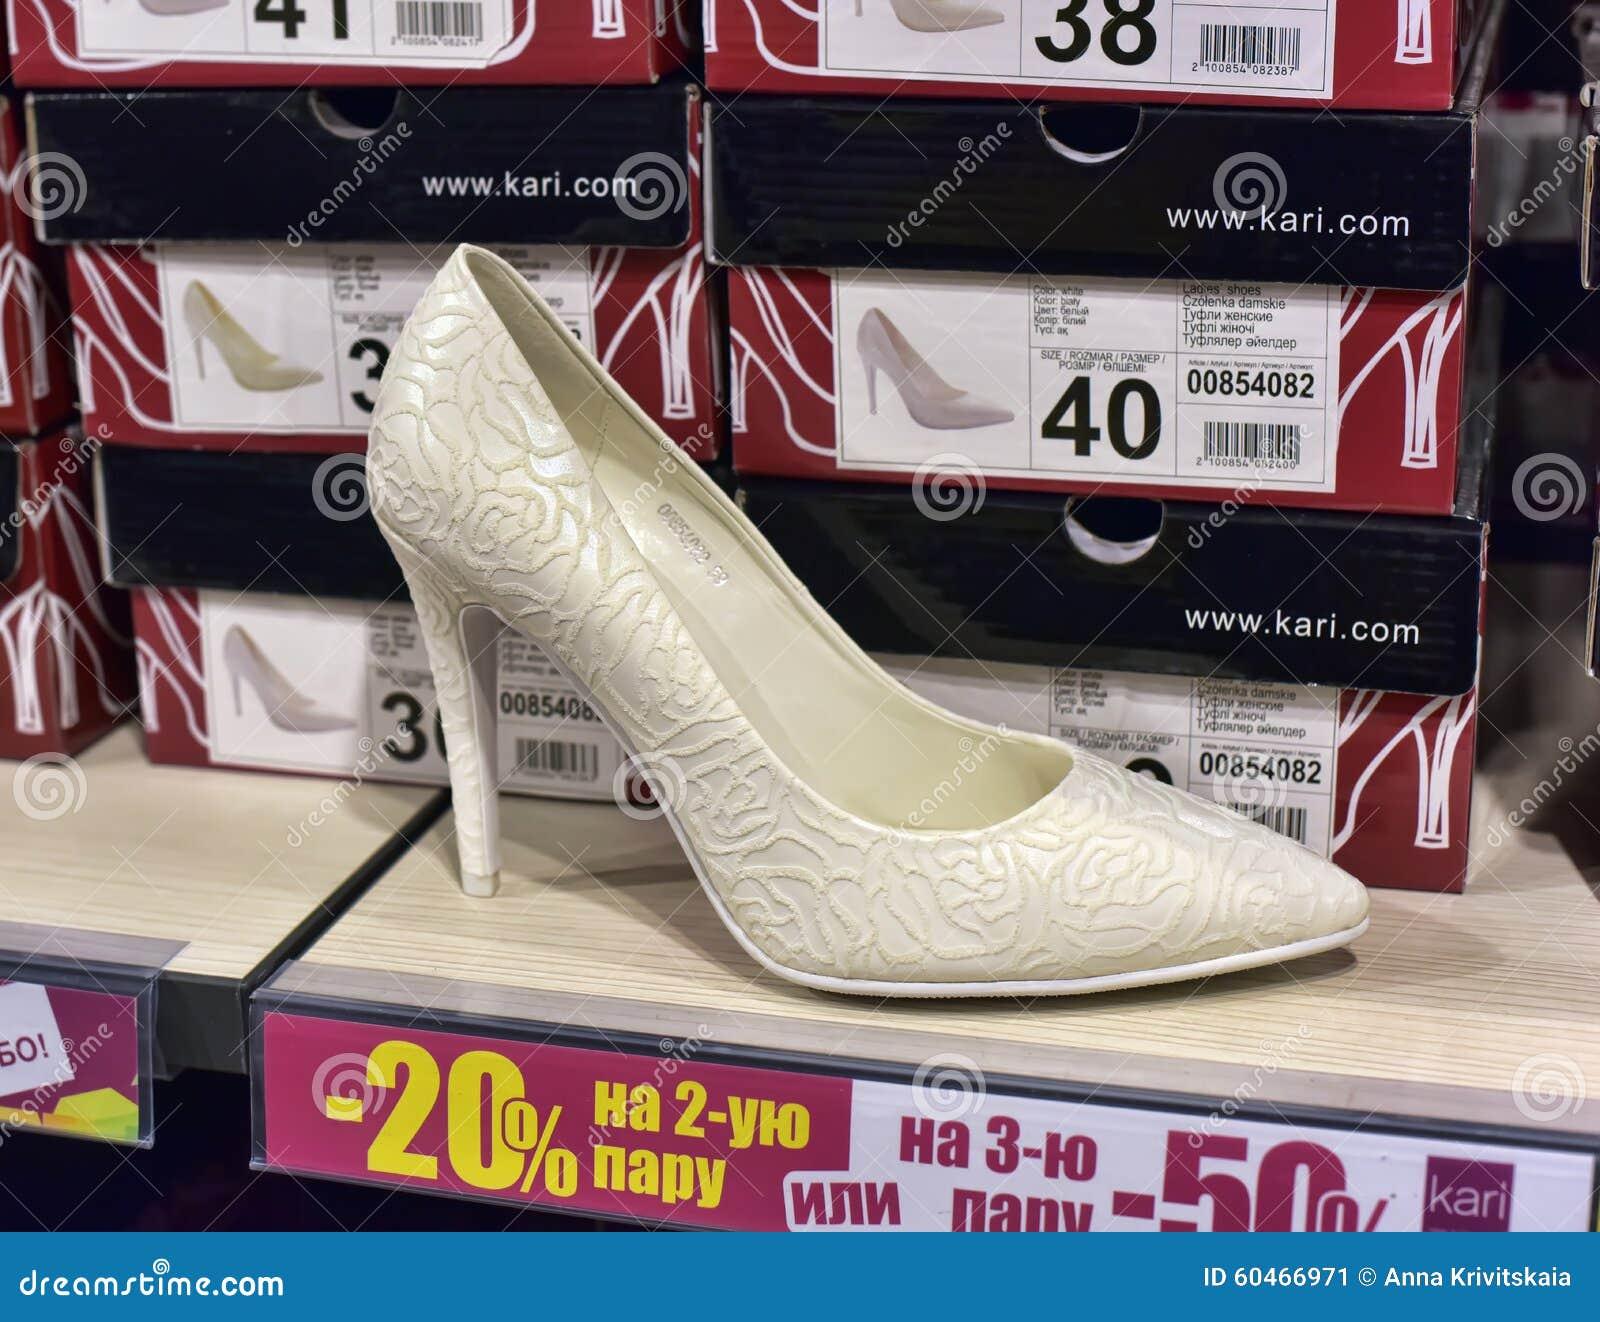 32ba823900 Ράφια μαγαζιό παπουτσιών γυναικών με τα παπούτσια Εκδοτική Εικόνες ...